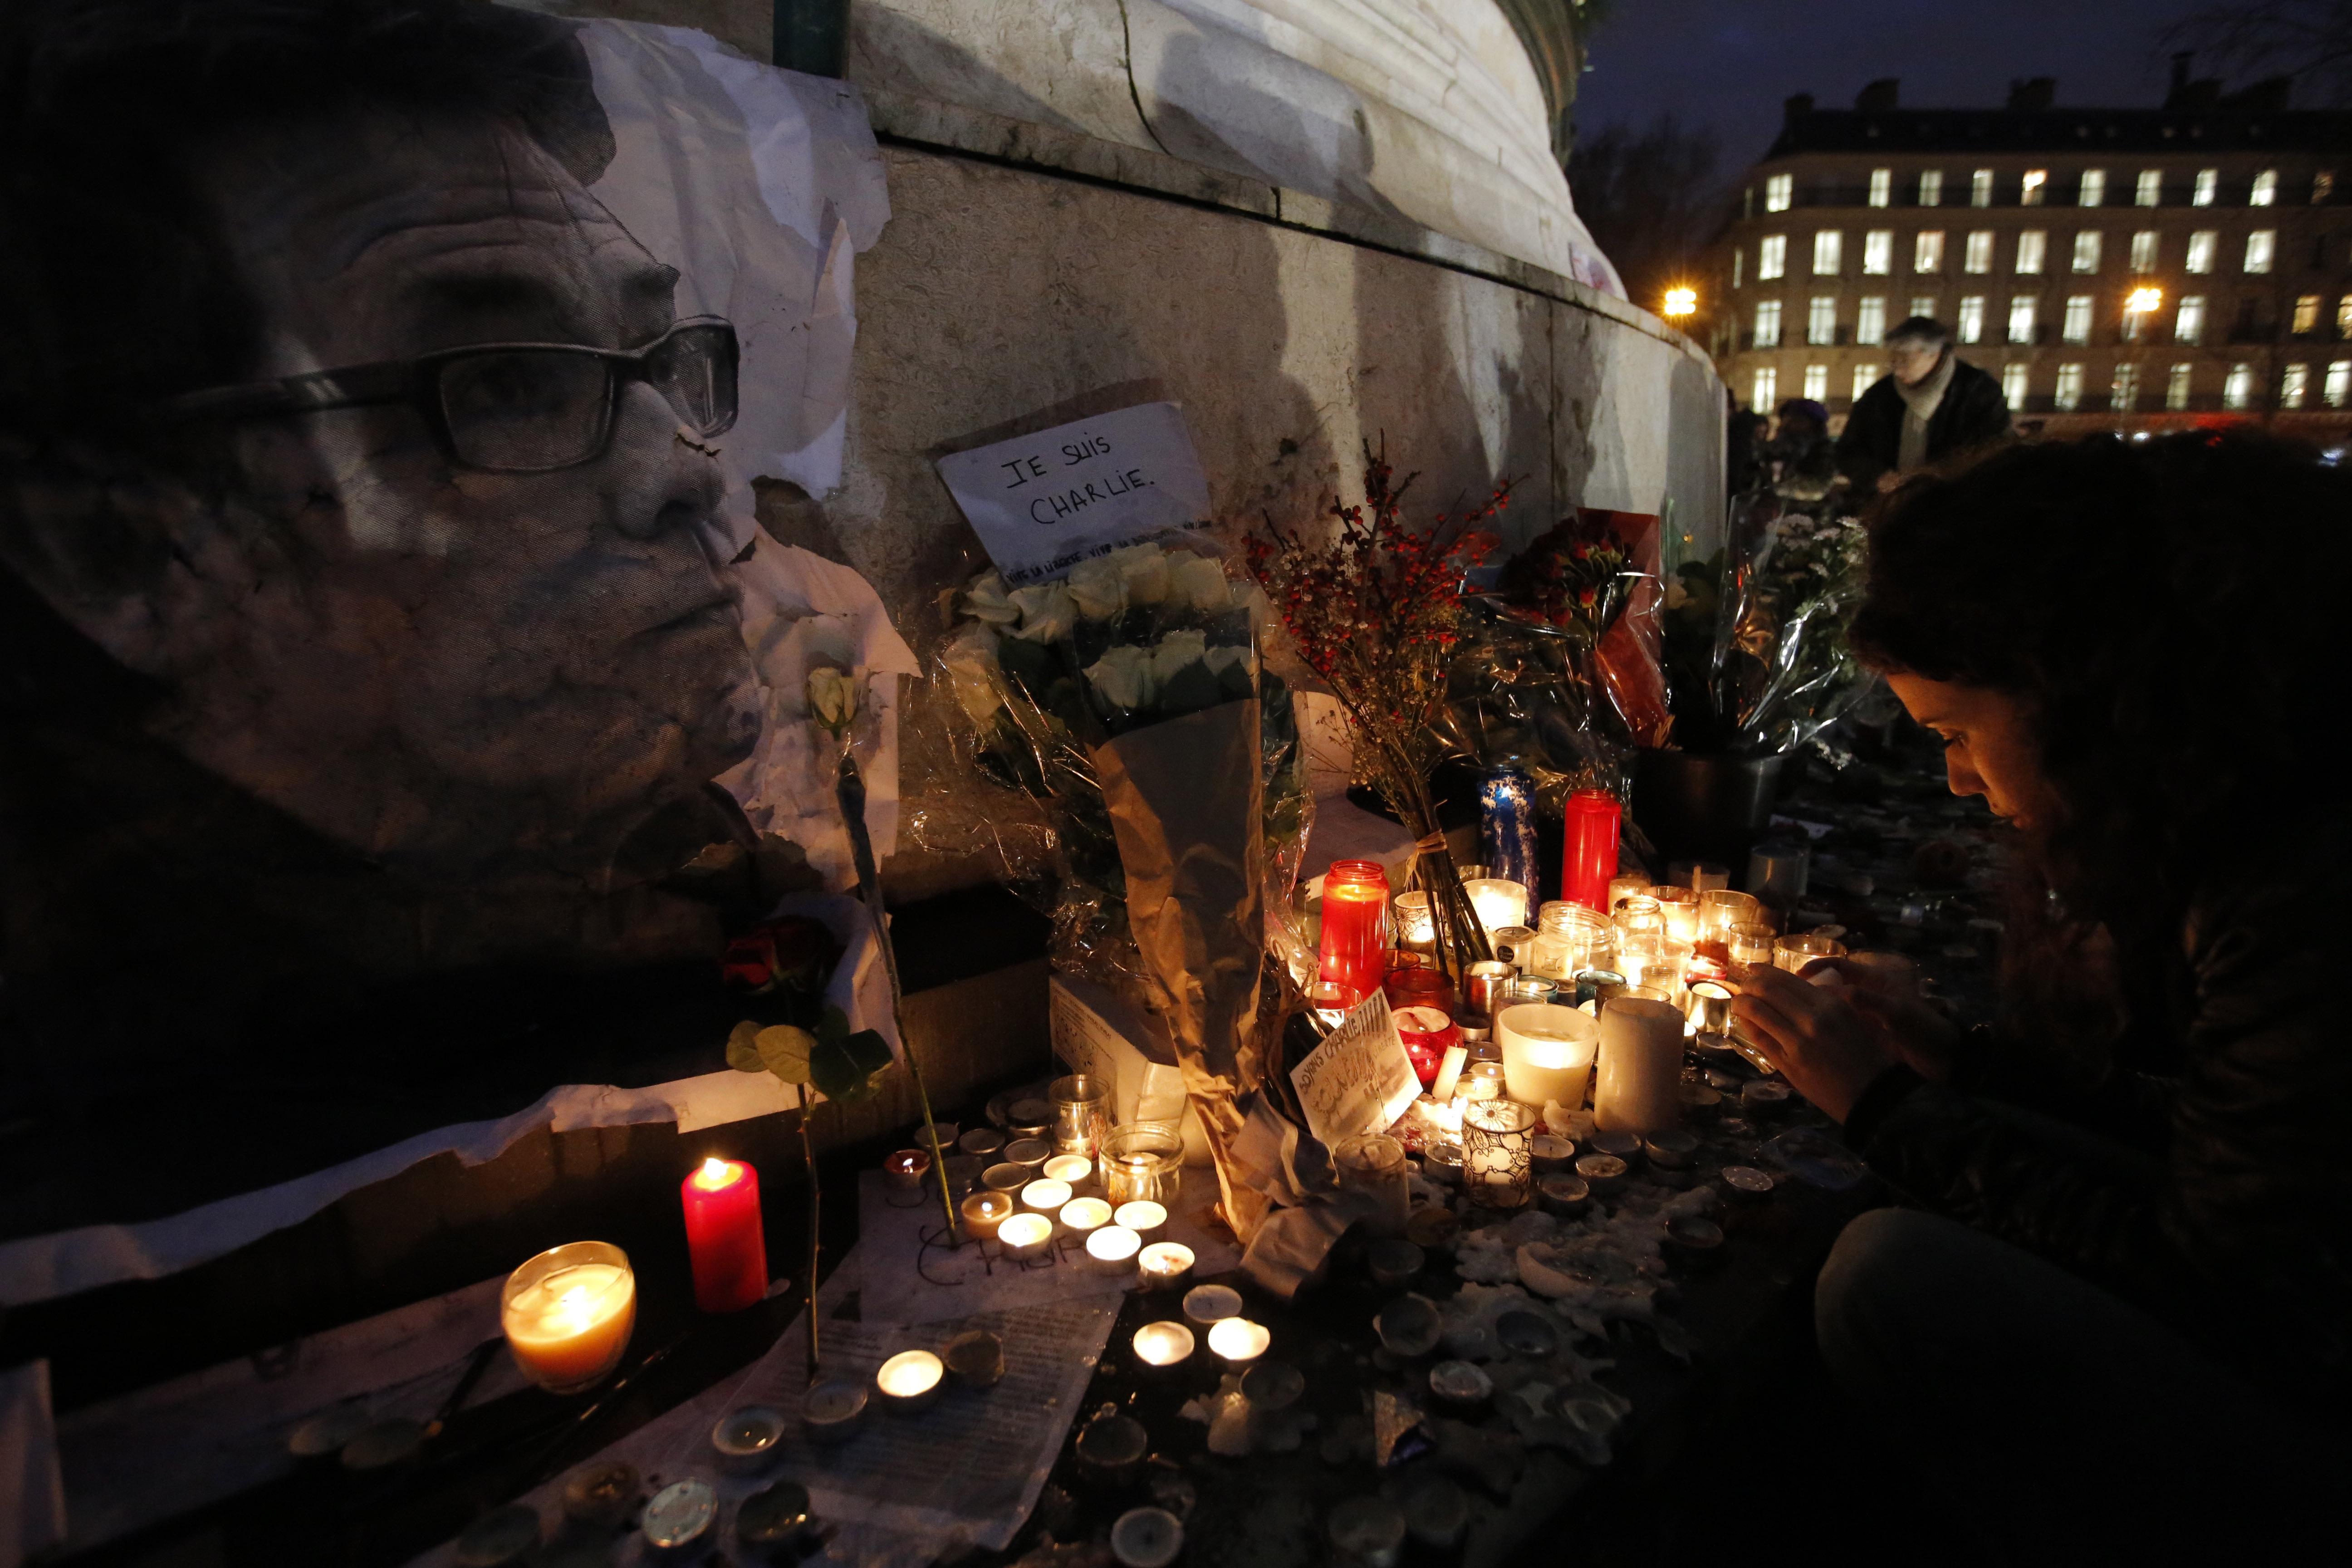 Tragedi Charlie Hedbo: Gunakan kebebasan bersuara untuk membina masyarakat inklusif